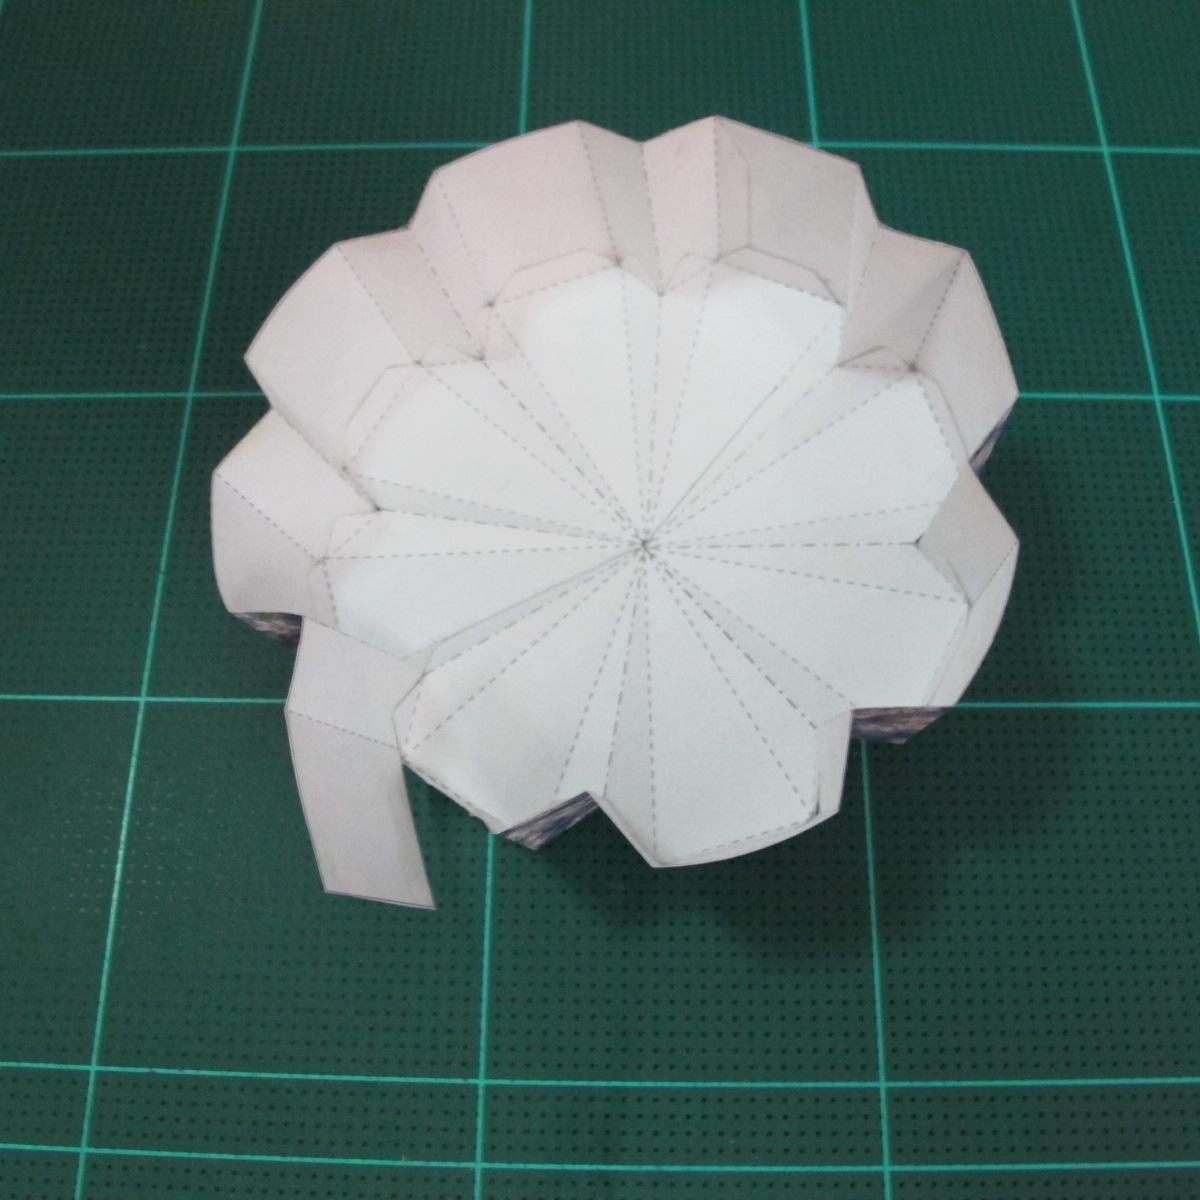 วิธีทำโมเดลกระดาษสำหรับตกแต่งทรงเรขาคณิต (Decor Geometry Papercraft Model) 008